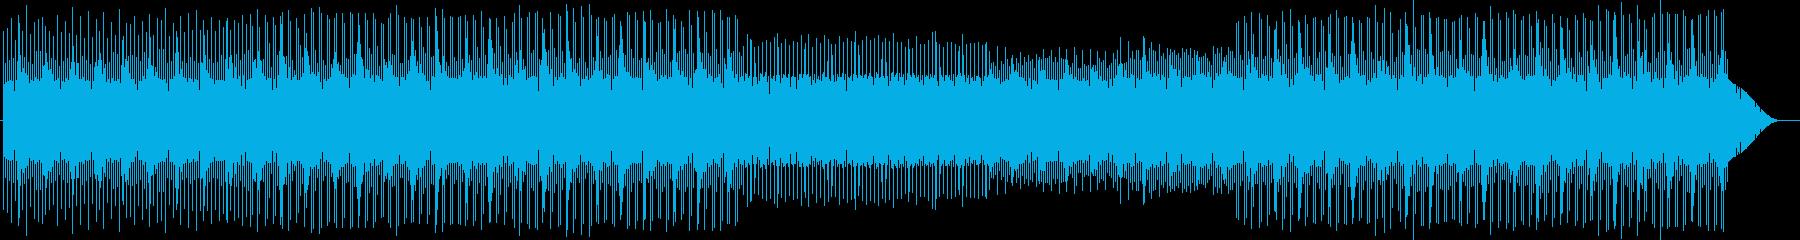 チープでキュートなチップチューン 電子音の再生済みの波形